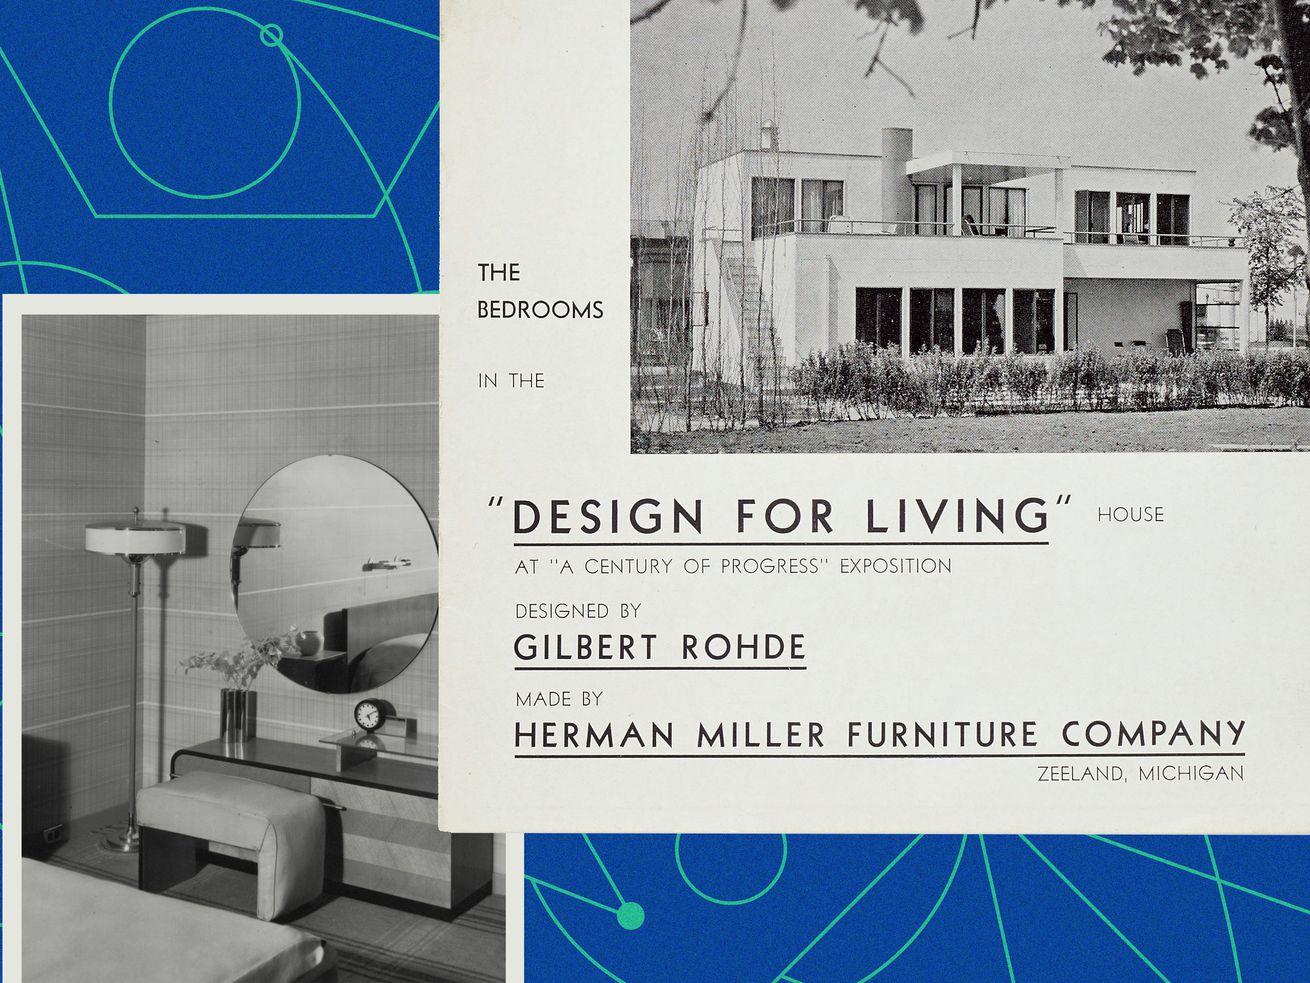 Herman Miller's Design for Living House brochure, 1933.